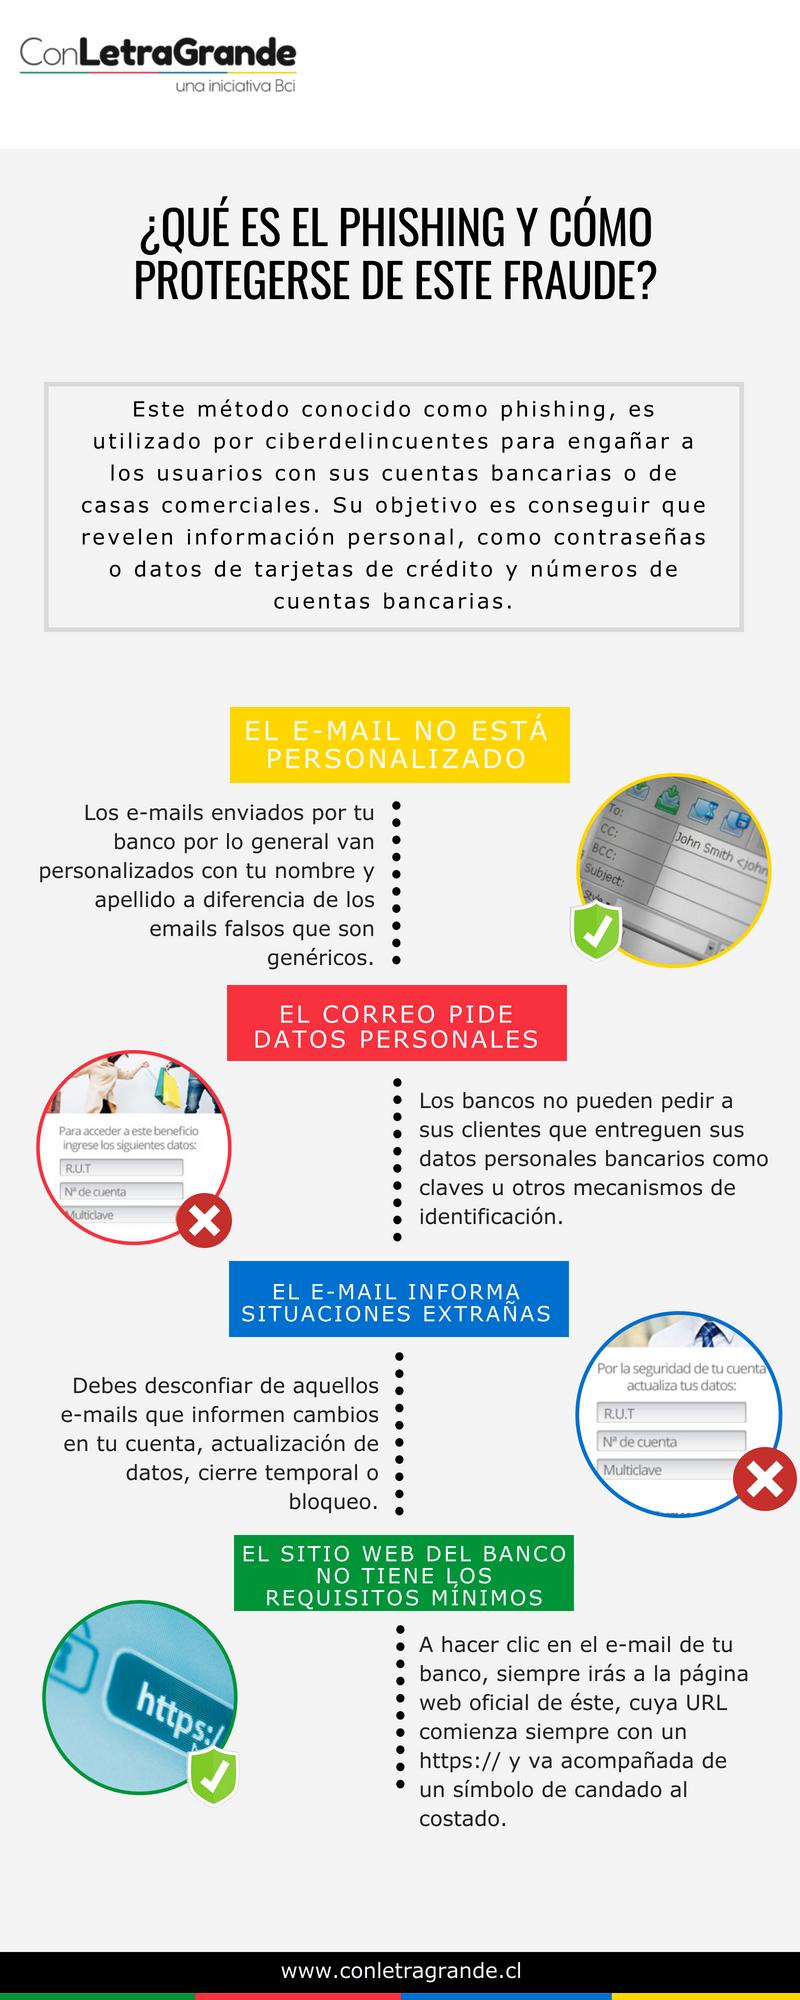 ¿QUÉ ES EL PHISHING Y CÓMO PROTEGERSE DE ESTE FRAUDE_ (1)